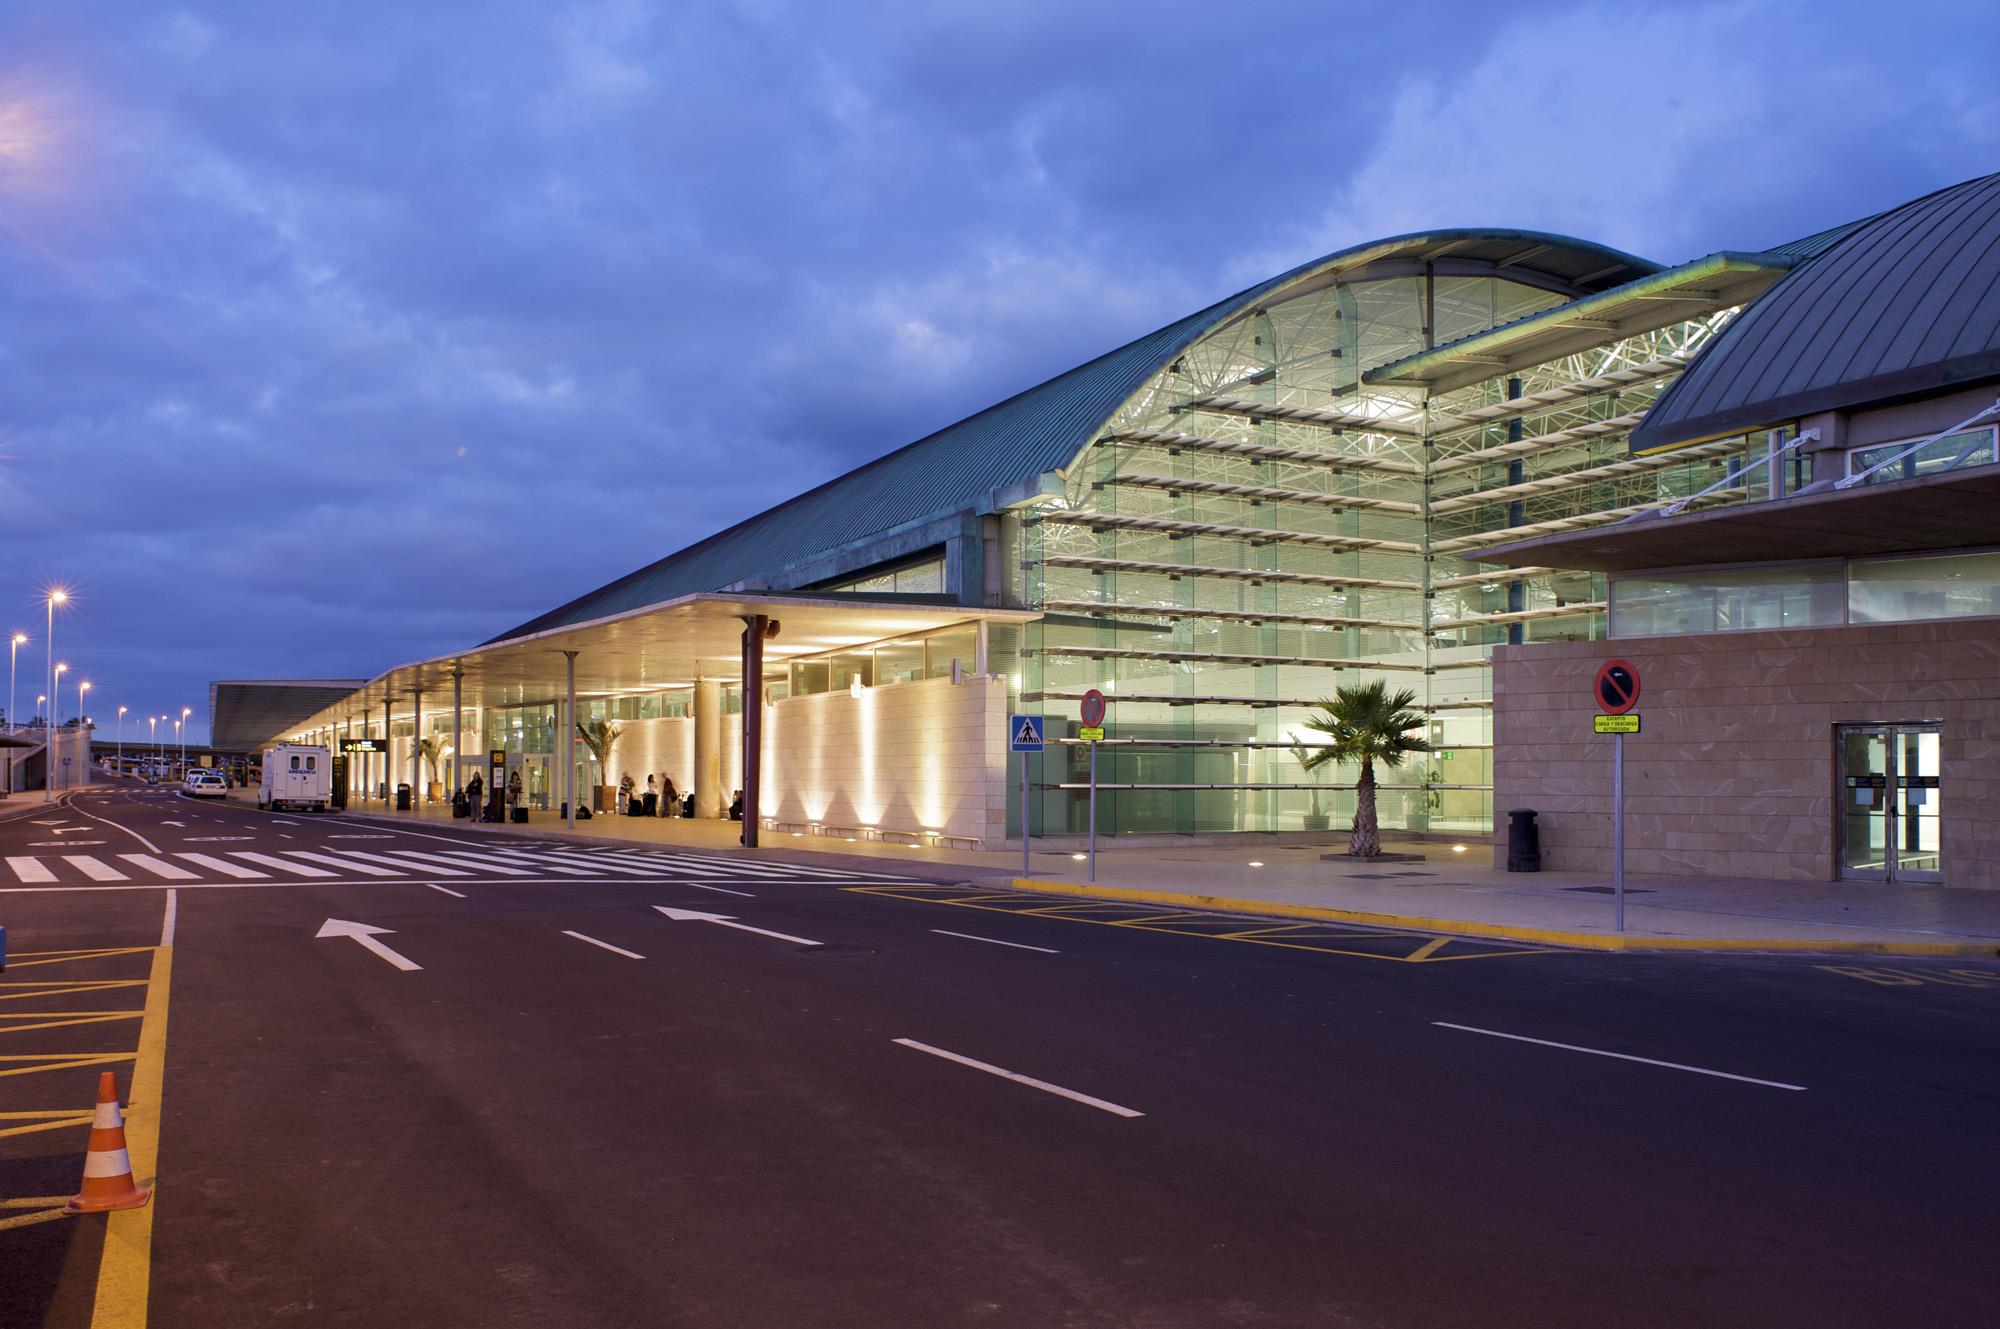 El aeropuerto de Fuerteventura, declarado área sensible